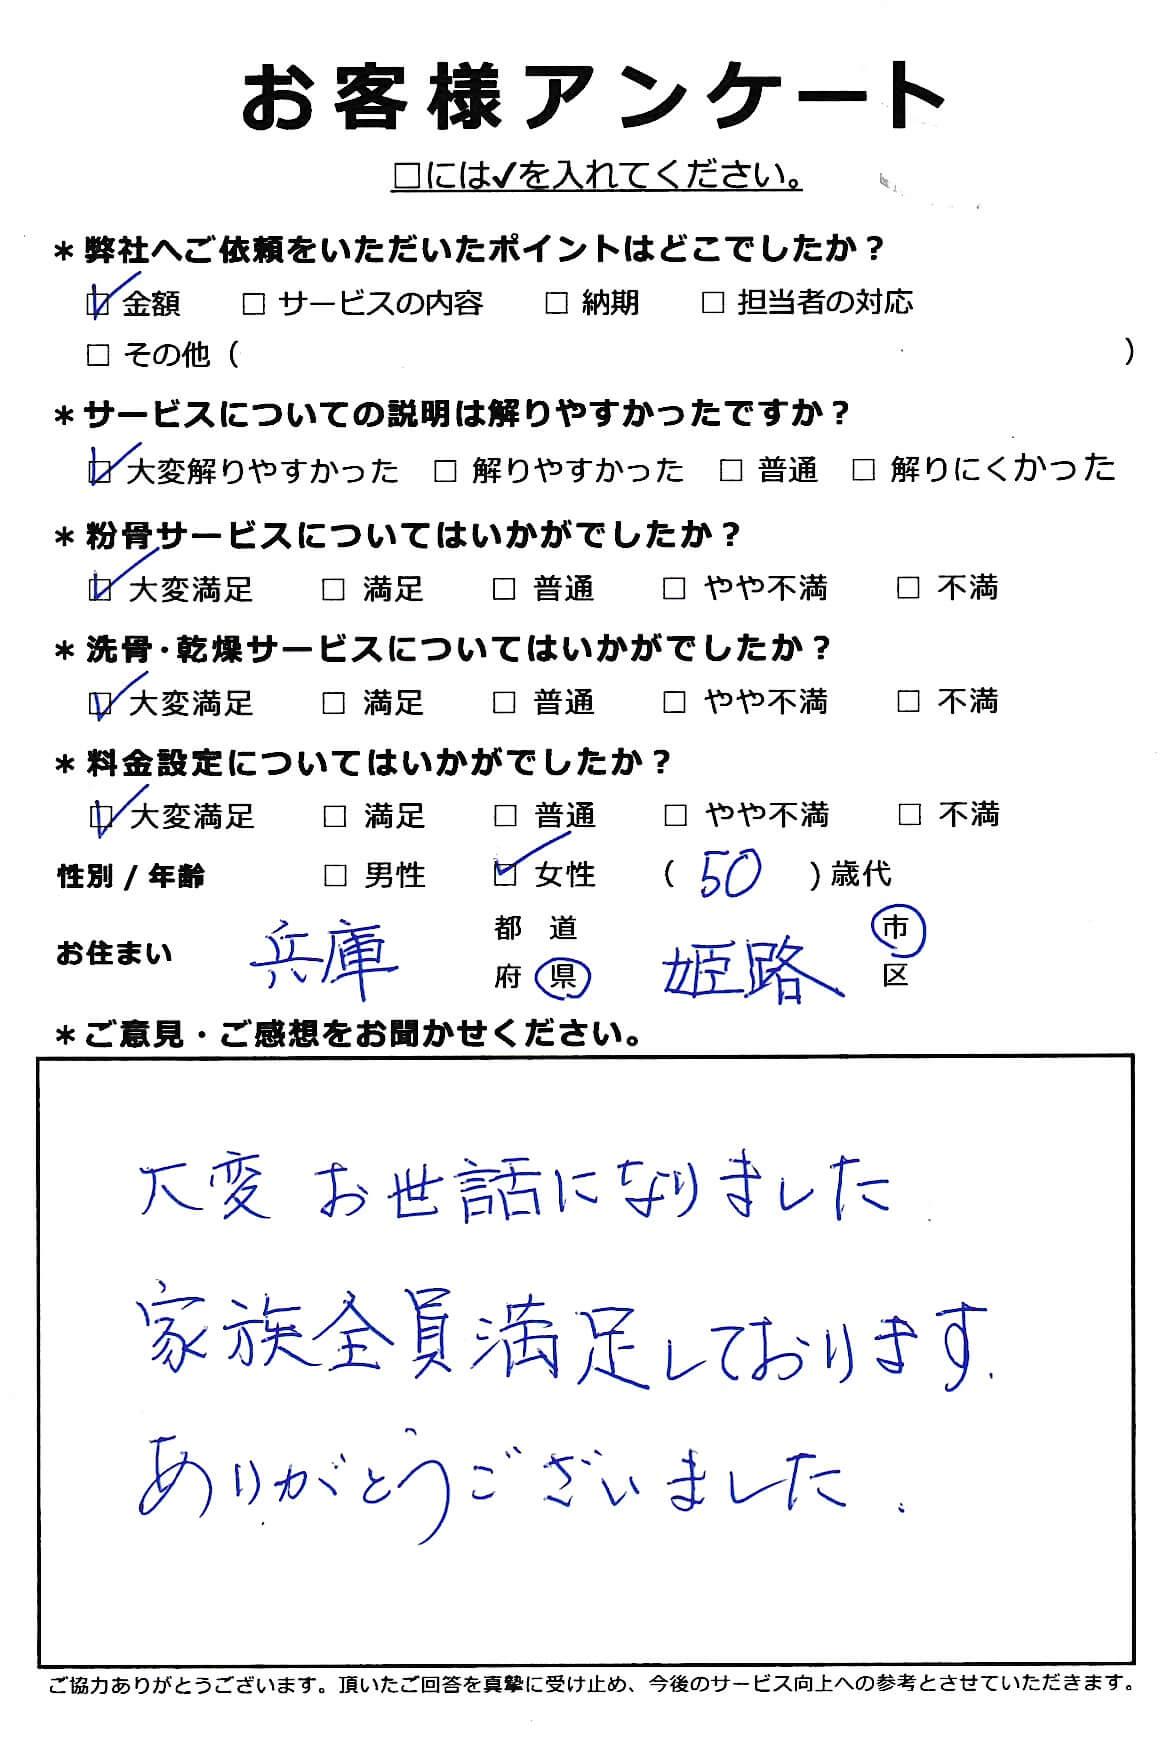 兵庫県姫路市での粉骨サービス